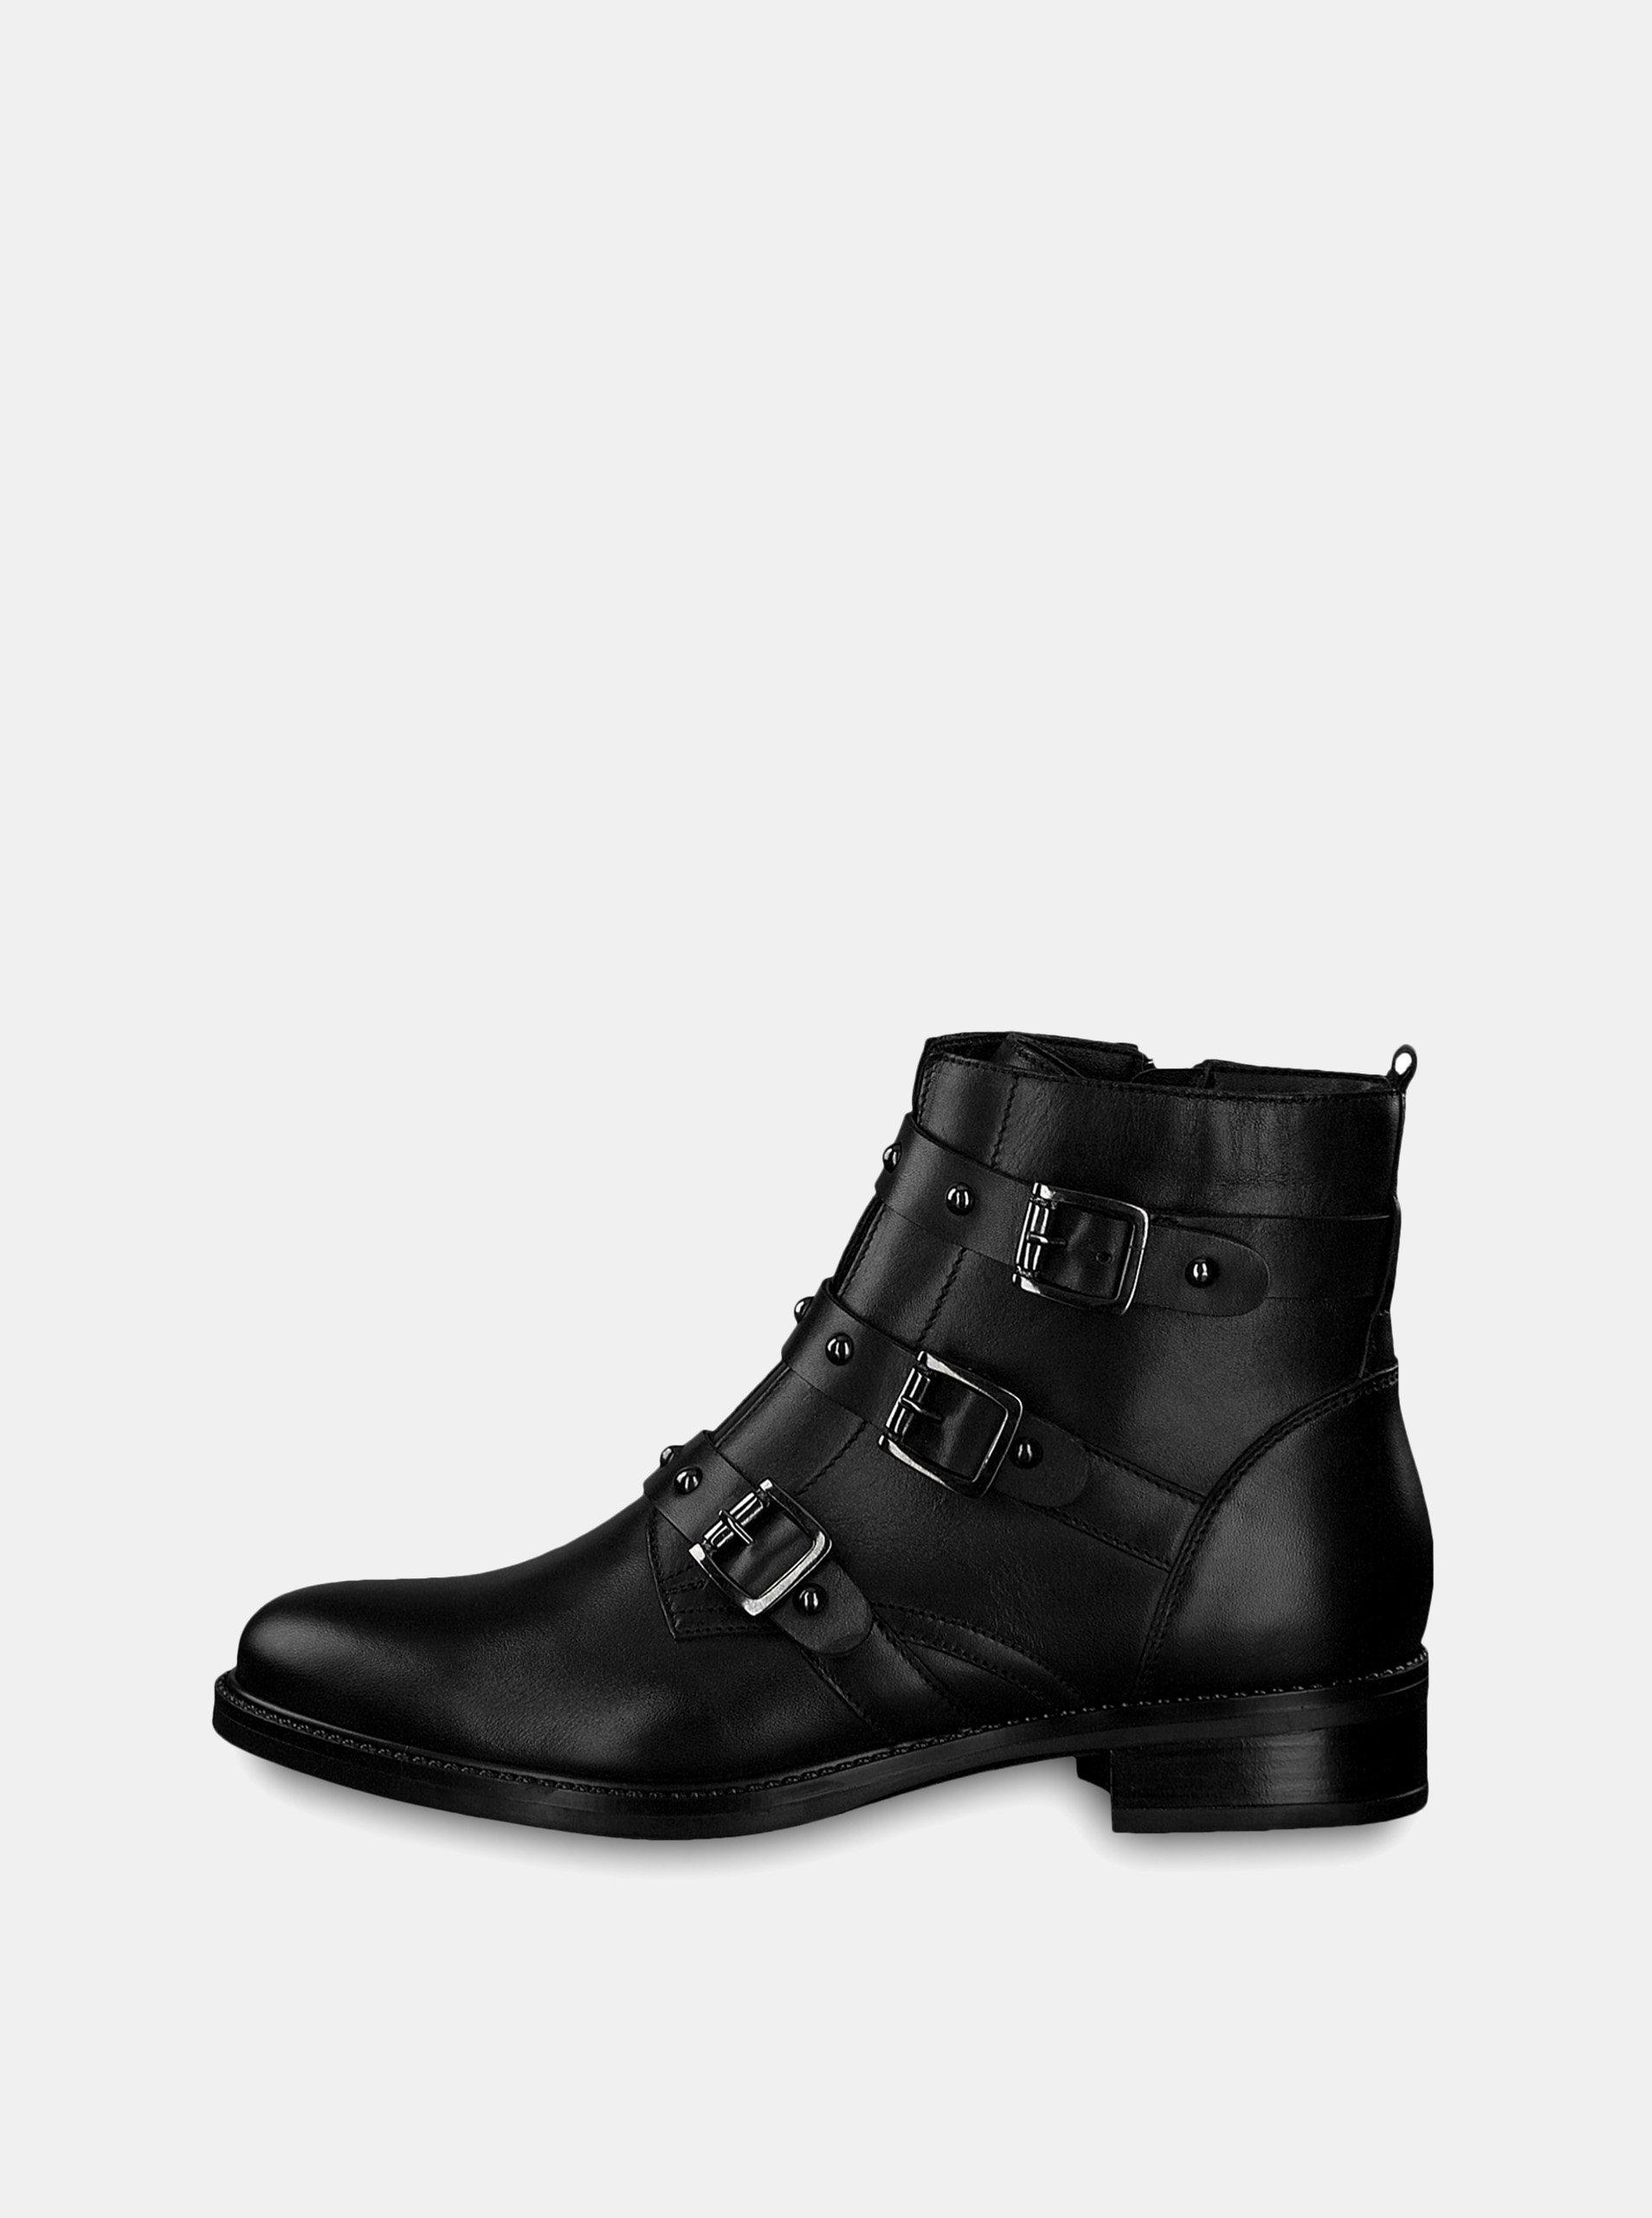 4f034df4fa Čierne kožené členkové topánky s prackami Tamaris ...